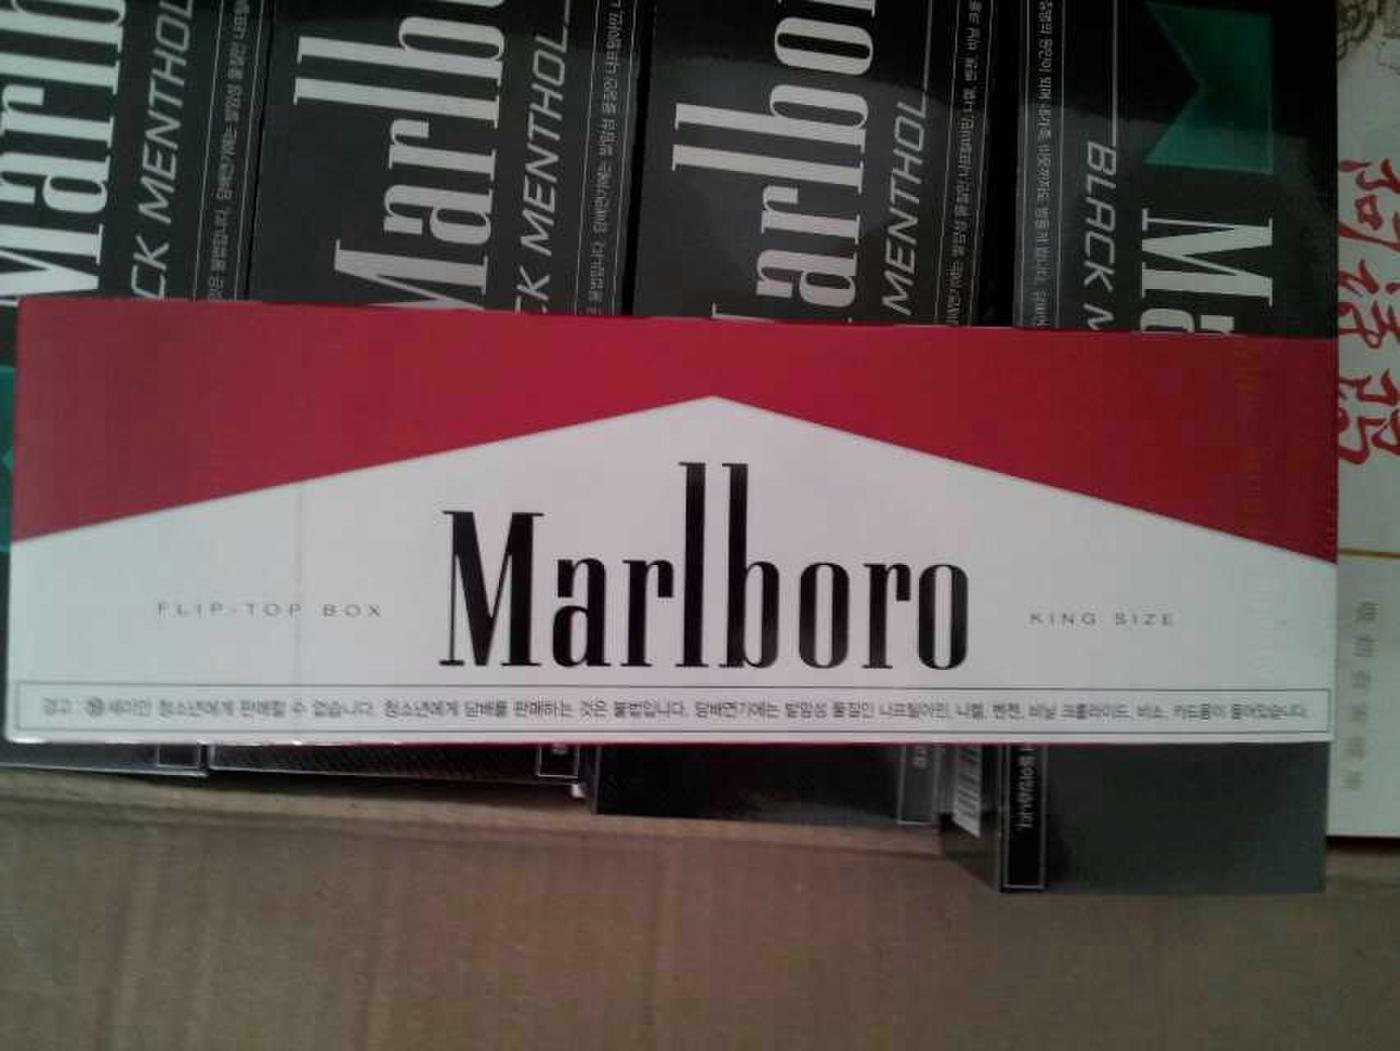 香烟韩国发货一手货源的博客_图1-4